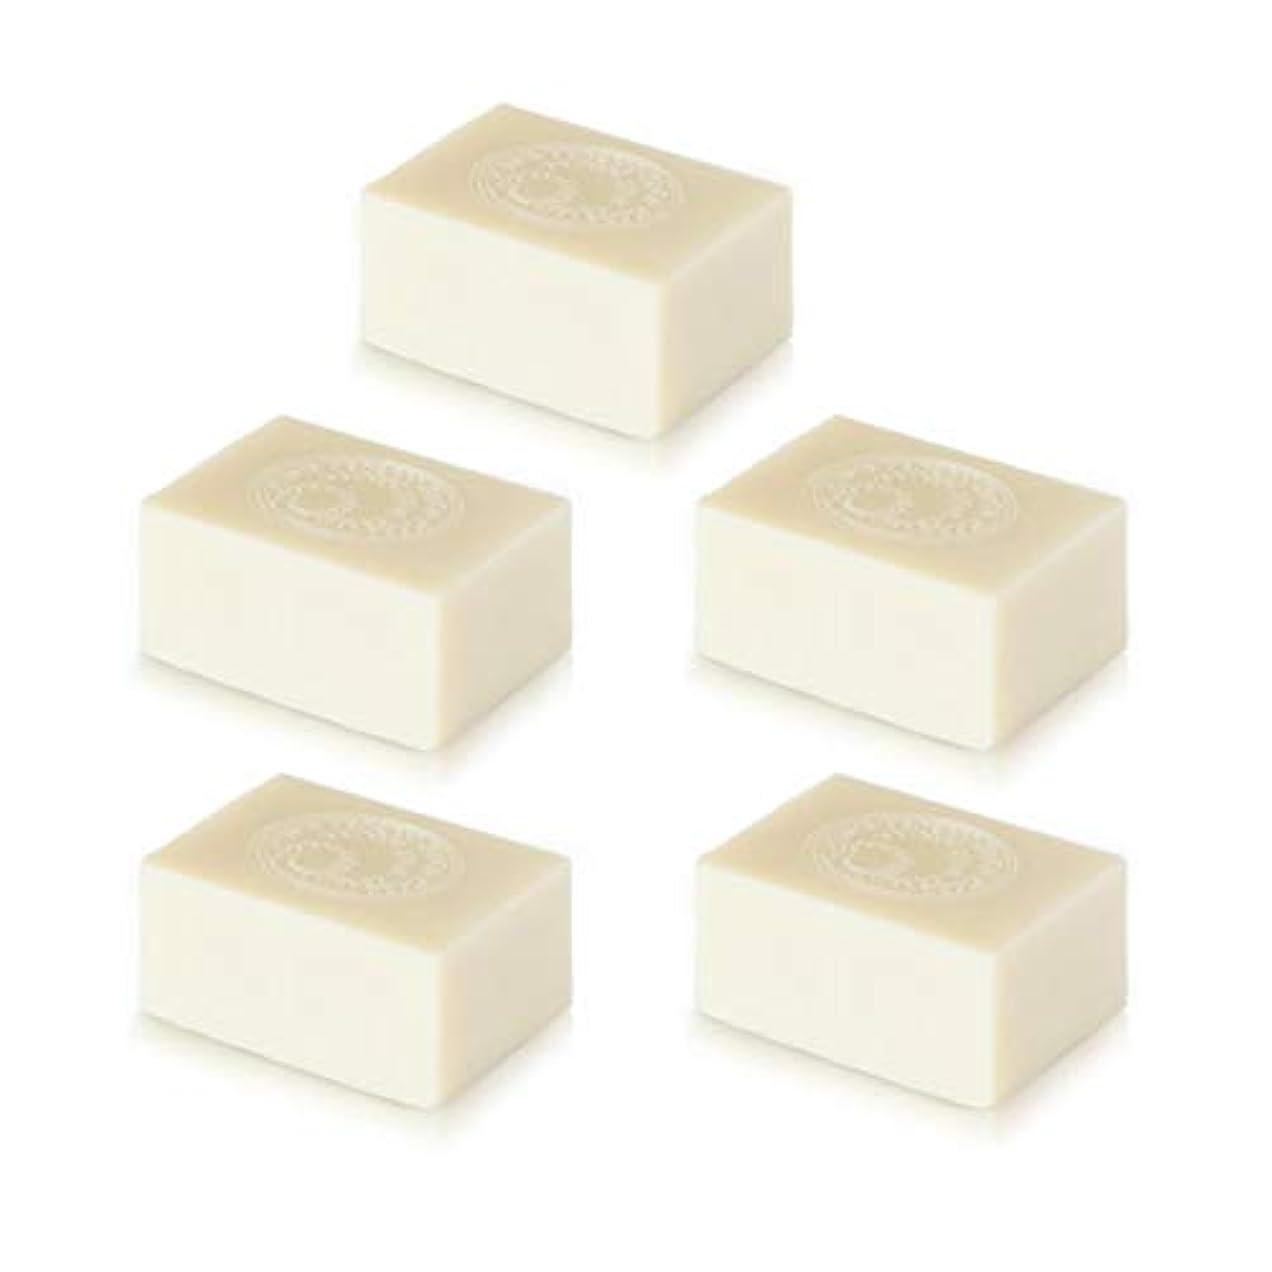 単独で九販売員ナイアード アルガン石鹸5個セット( 145g ×5個)無添加アルガン石鹸